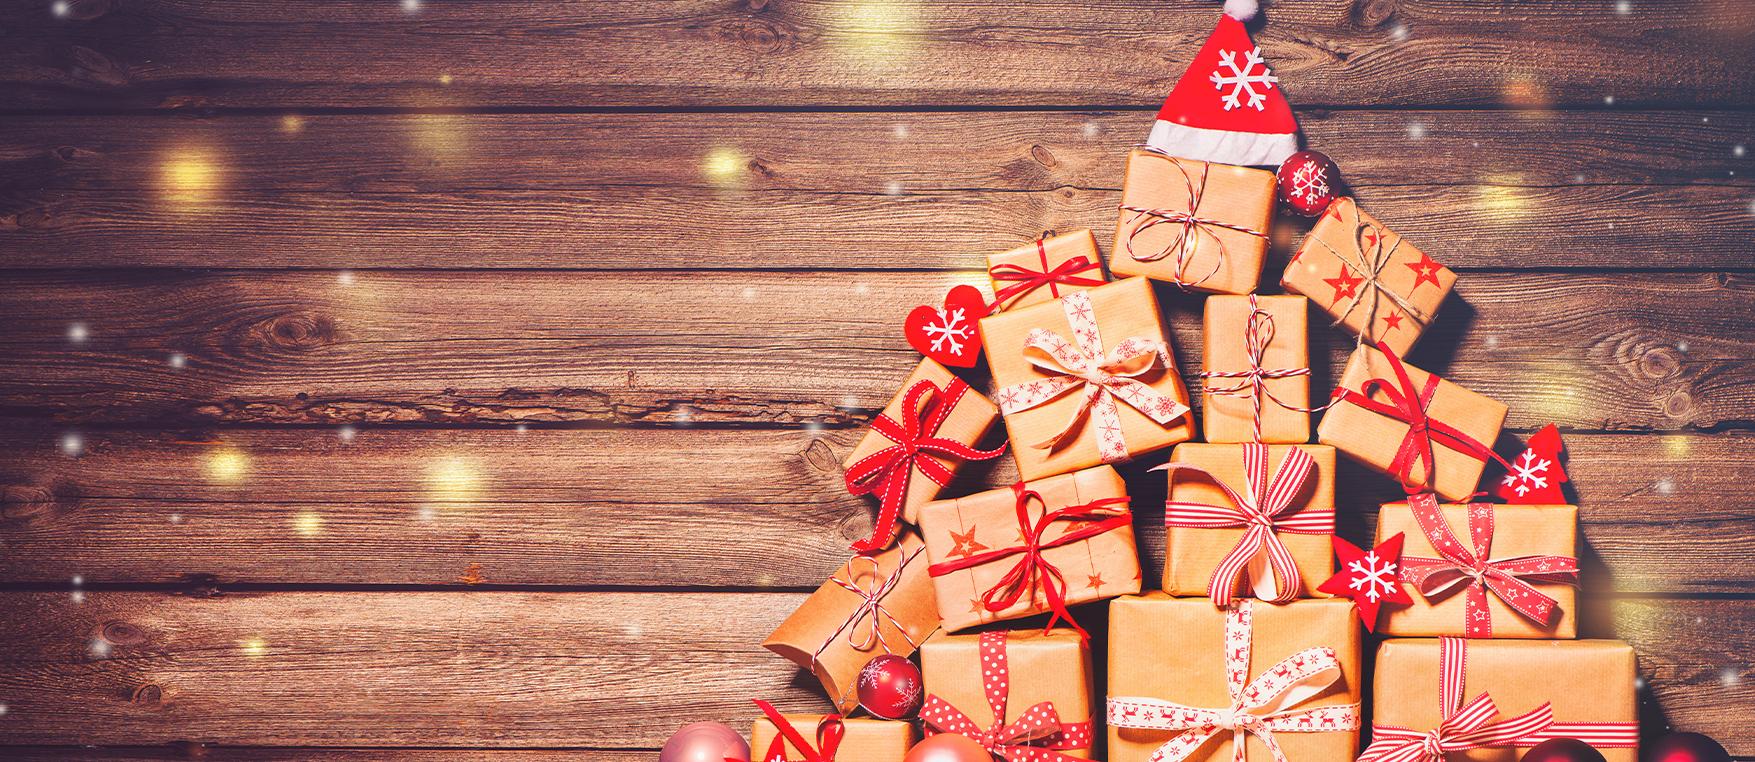 Weihnachtsgeschenke finanzieren